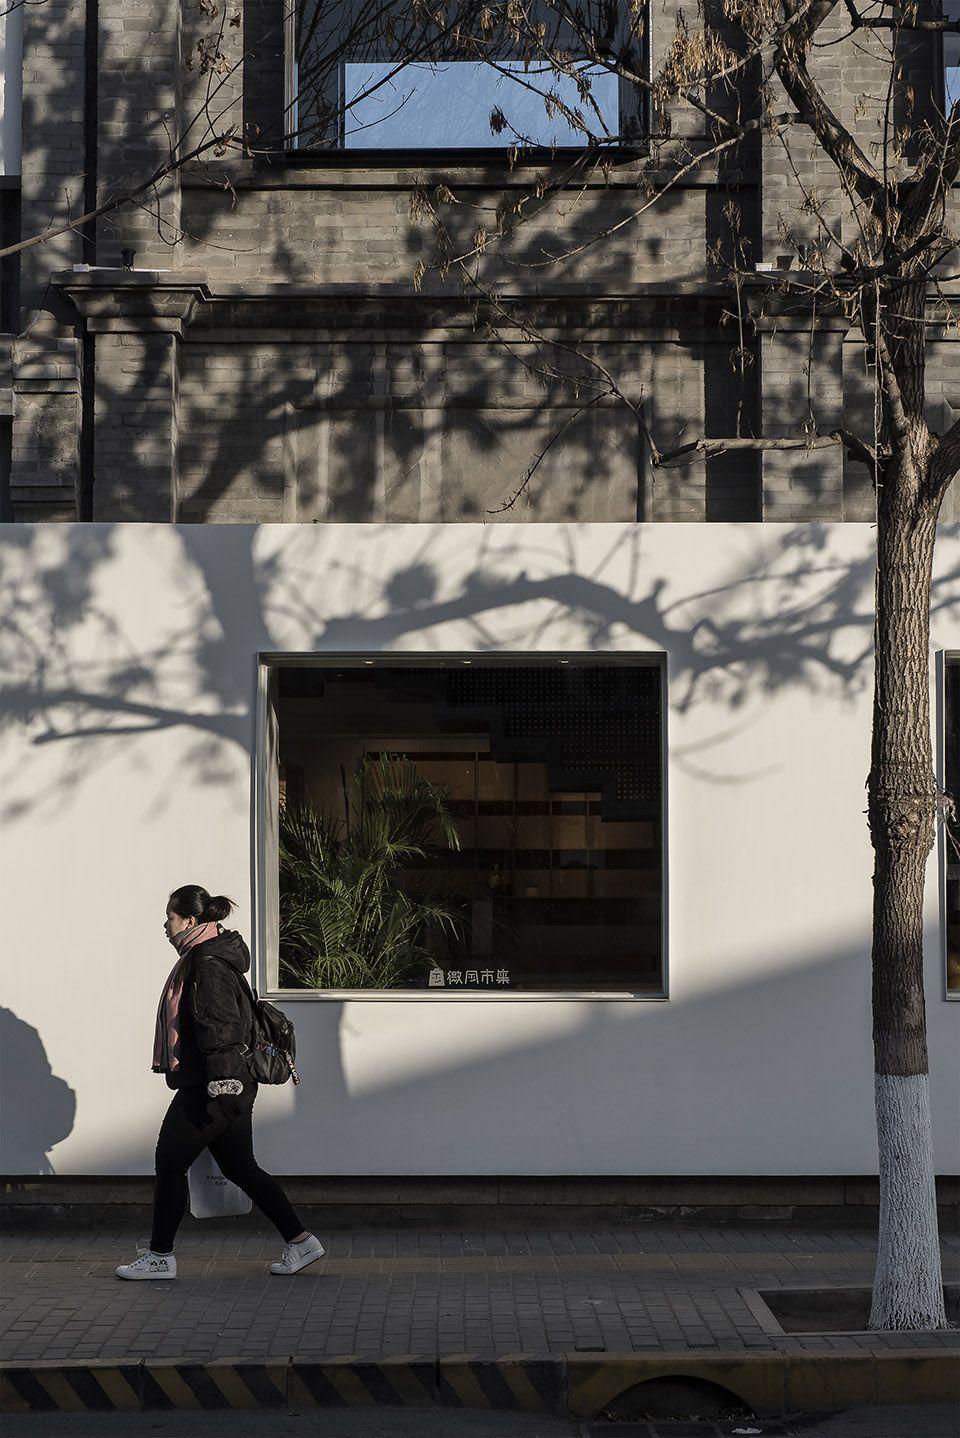 前门老街区的一部清亮短篇,北京微风市集   未来以北工作室 未来以北工作室 - 5